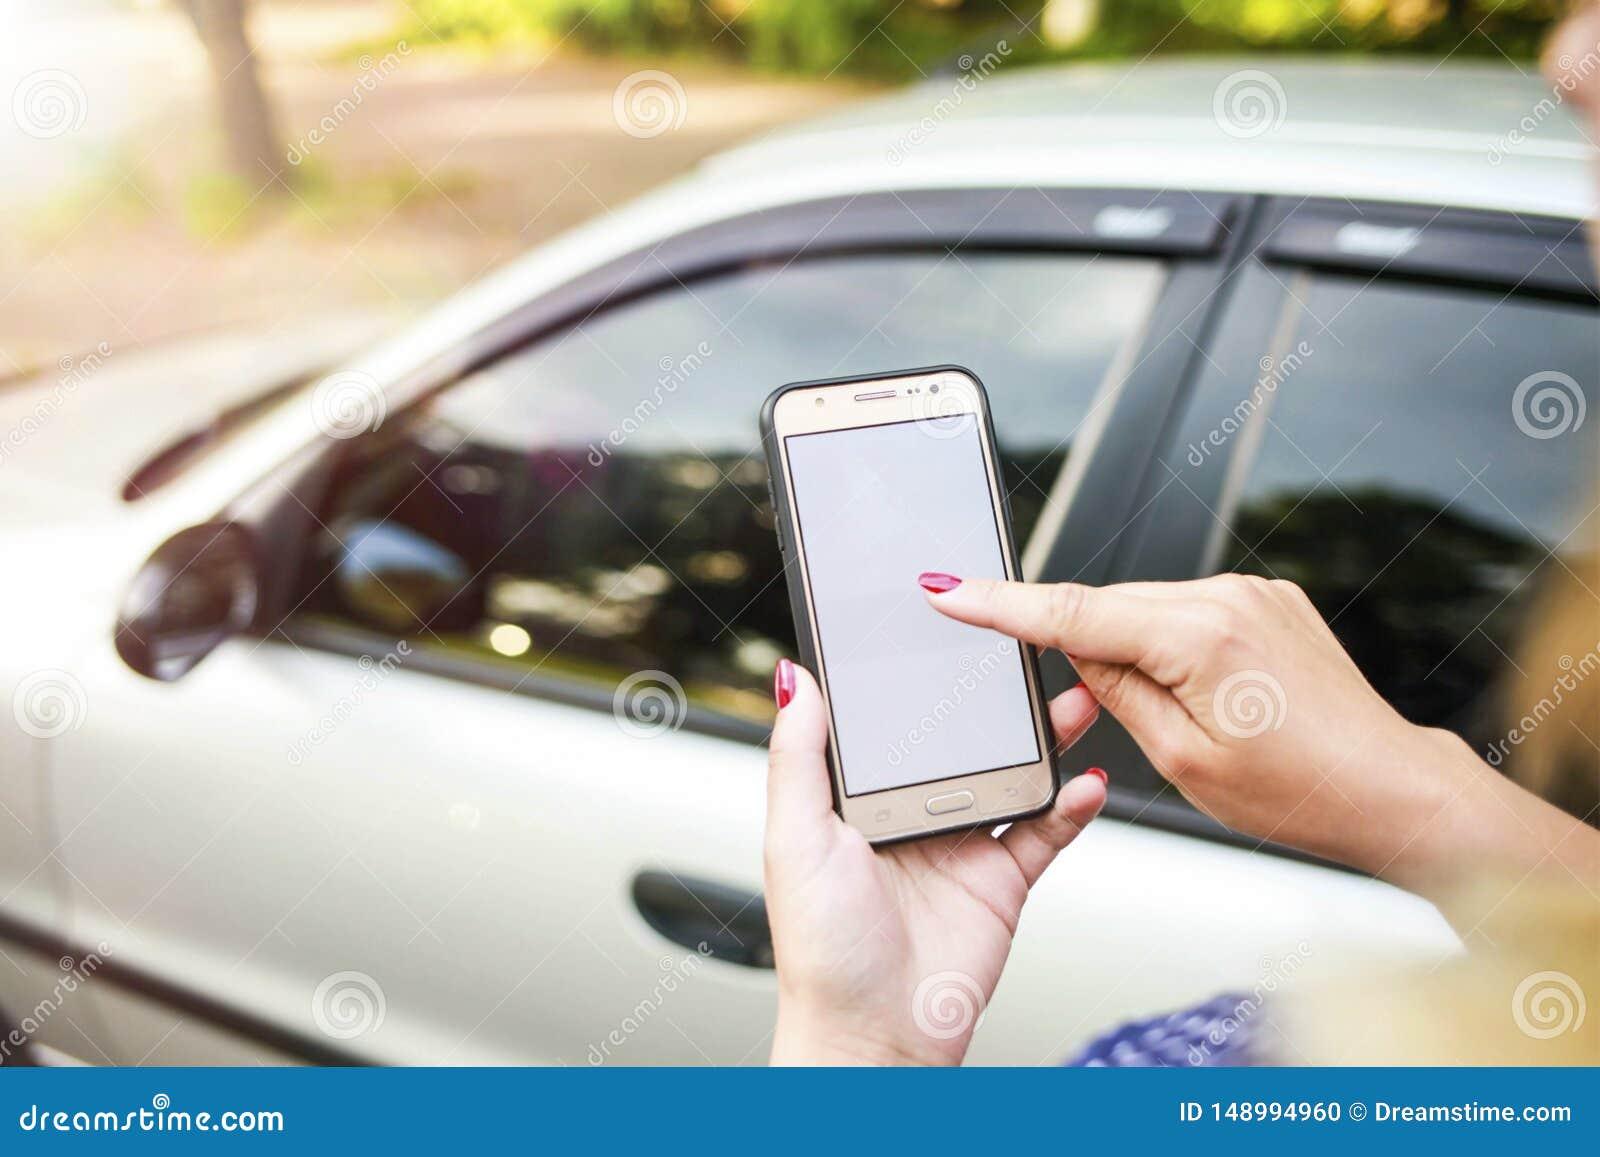 Κορίτσι που κρατά ένα τηλέφωνο στο υπόβαθρο του αυτοκινήτου Ενοίκιο αυτοκινήτων θέματος που χρησιμοποιεί τη διανομή τηλεφωνικών α